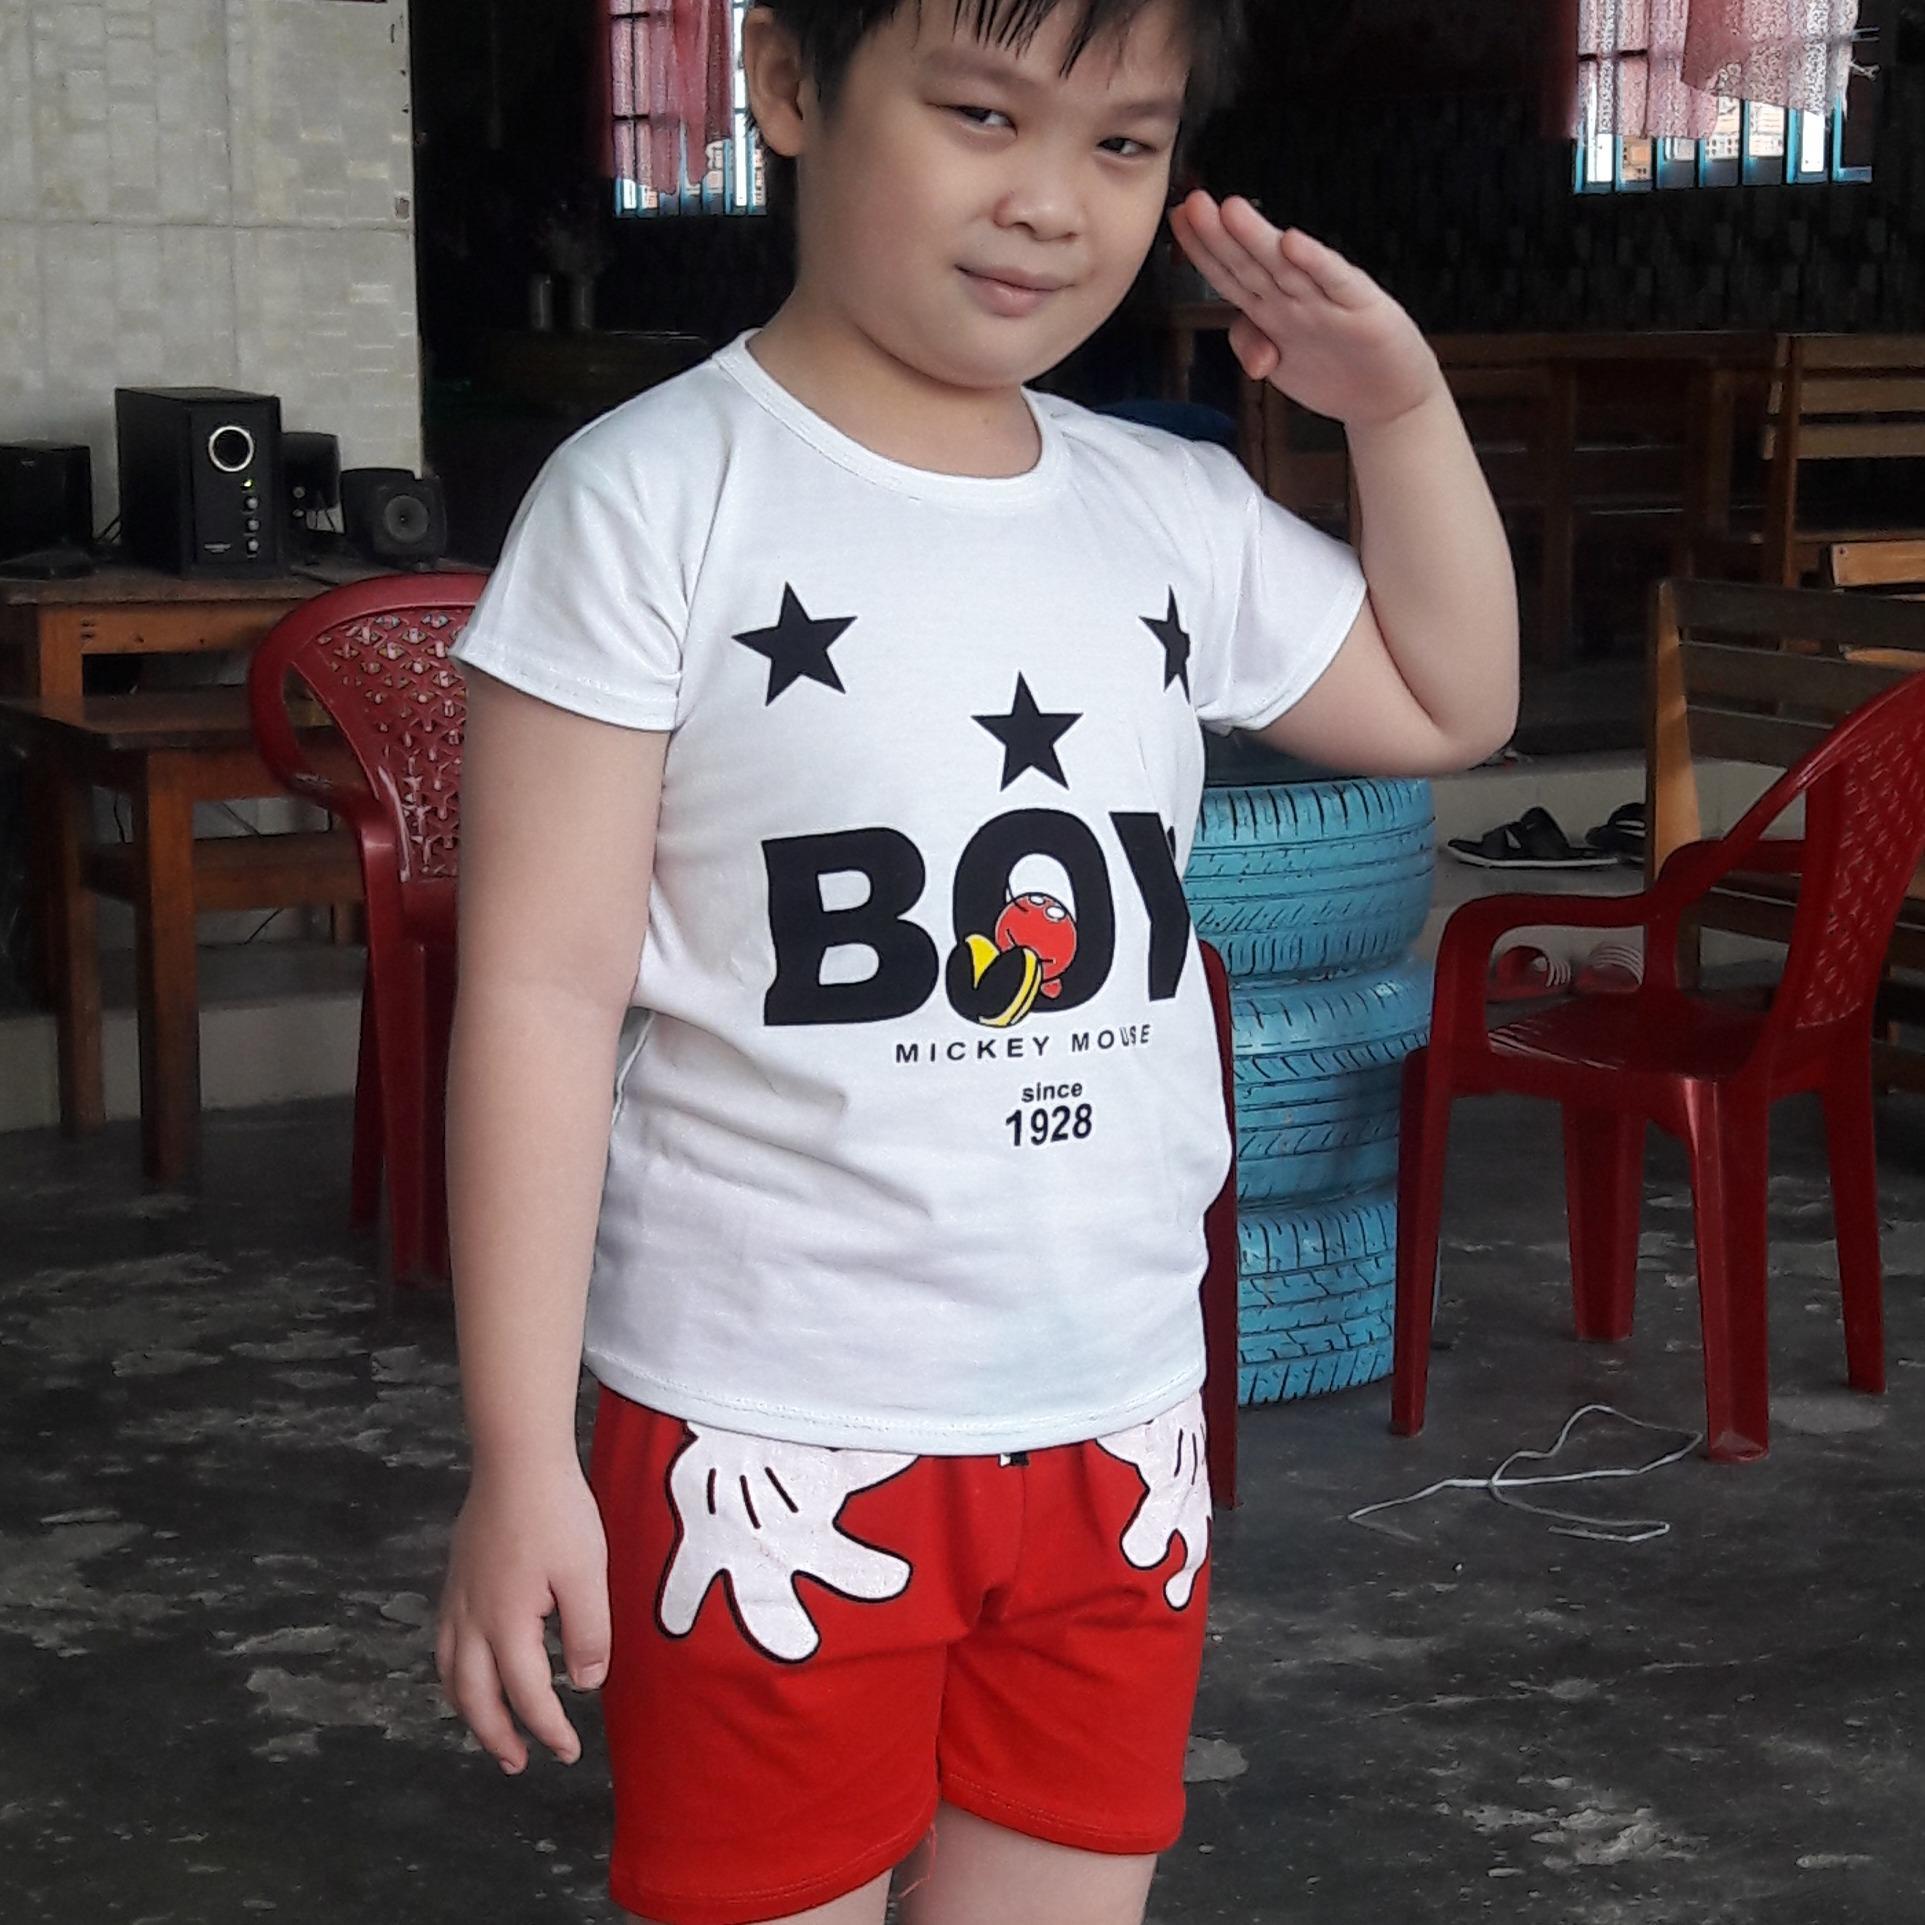 Hình ảnh Bộ thun cotton boy( Trắng- Đen) bé trai từ 18kg đến 35kg